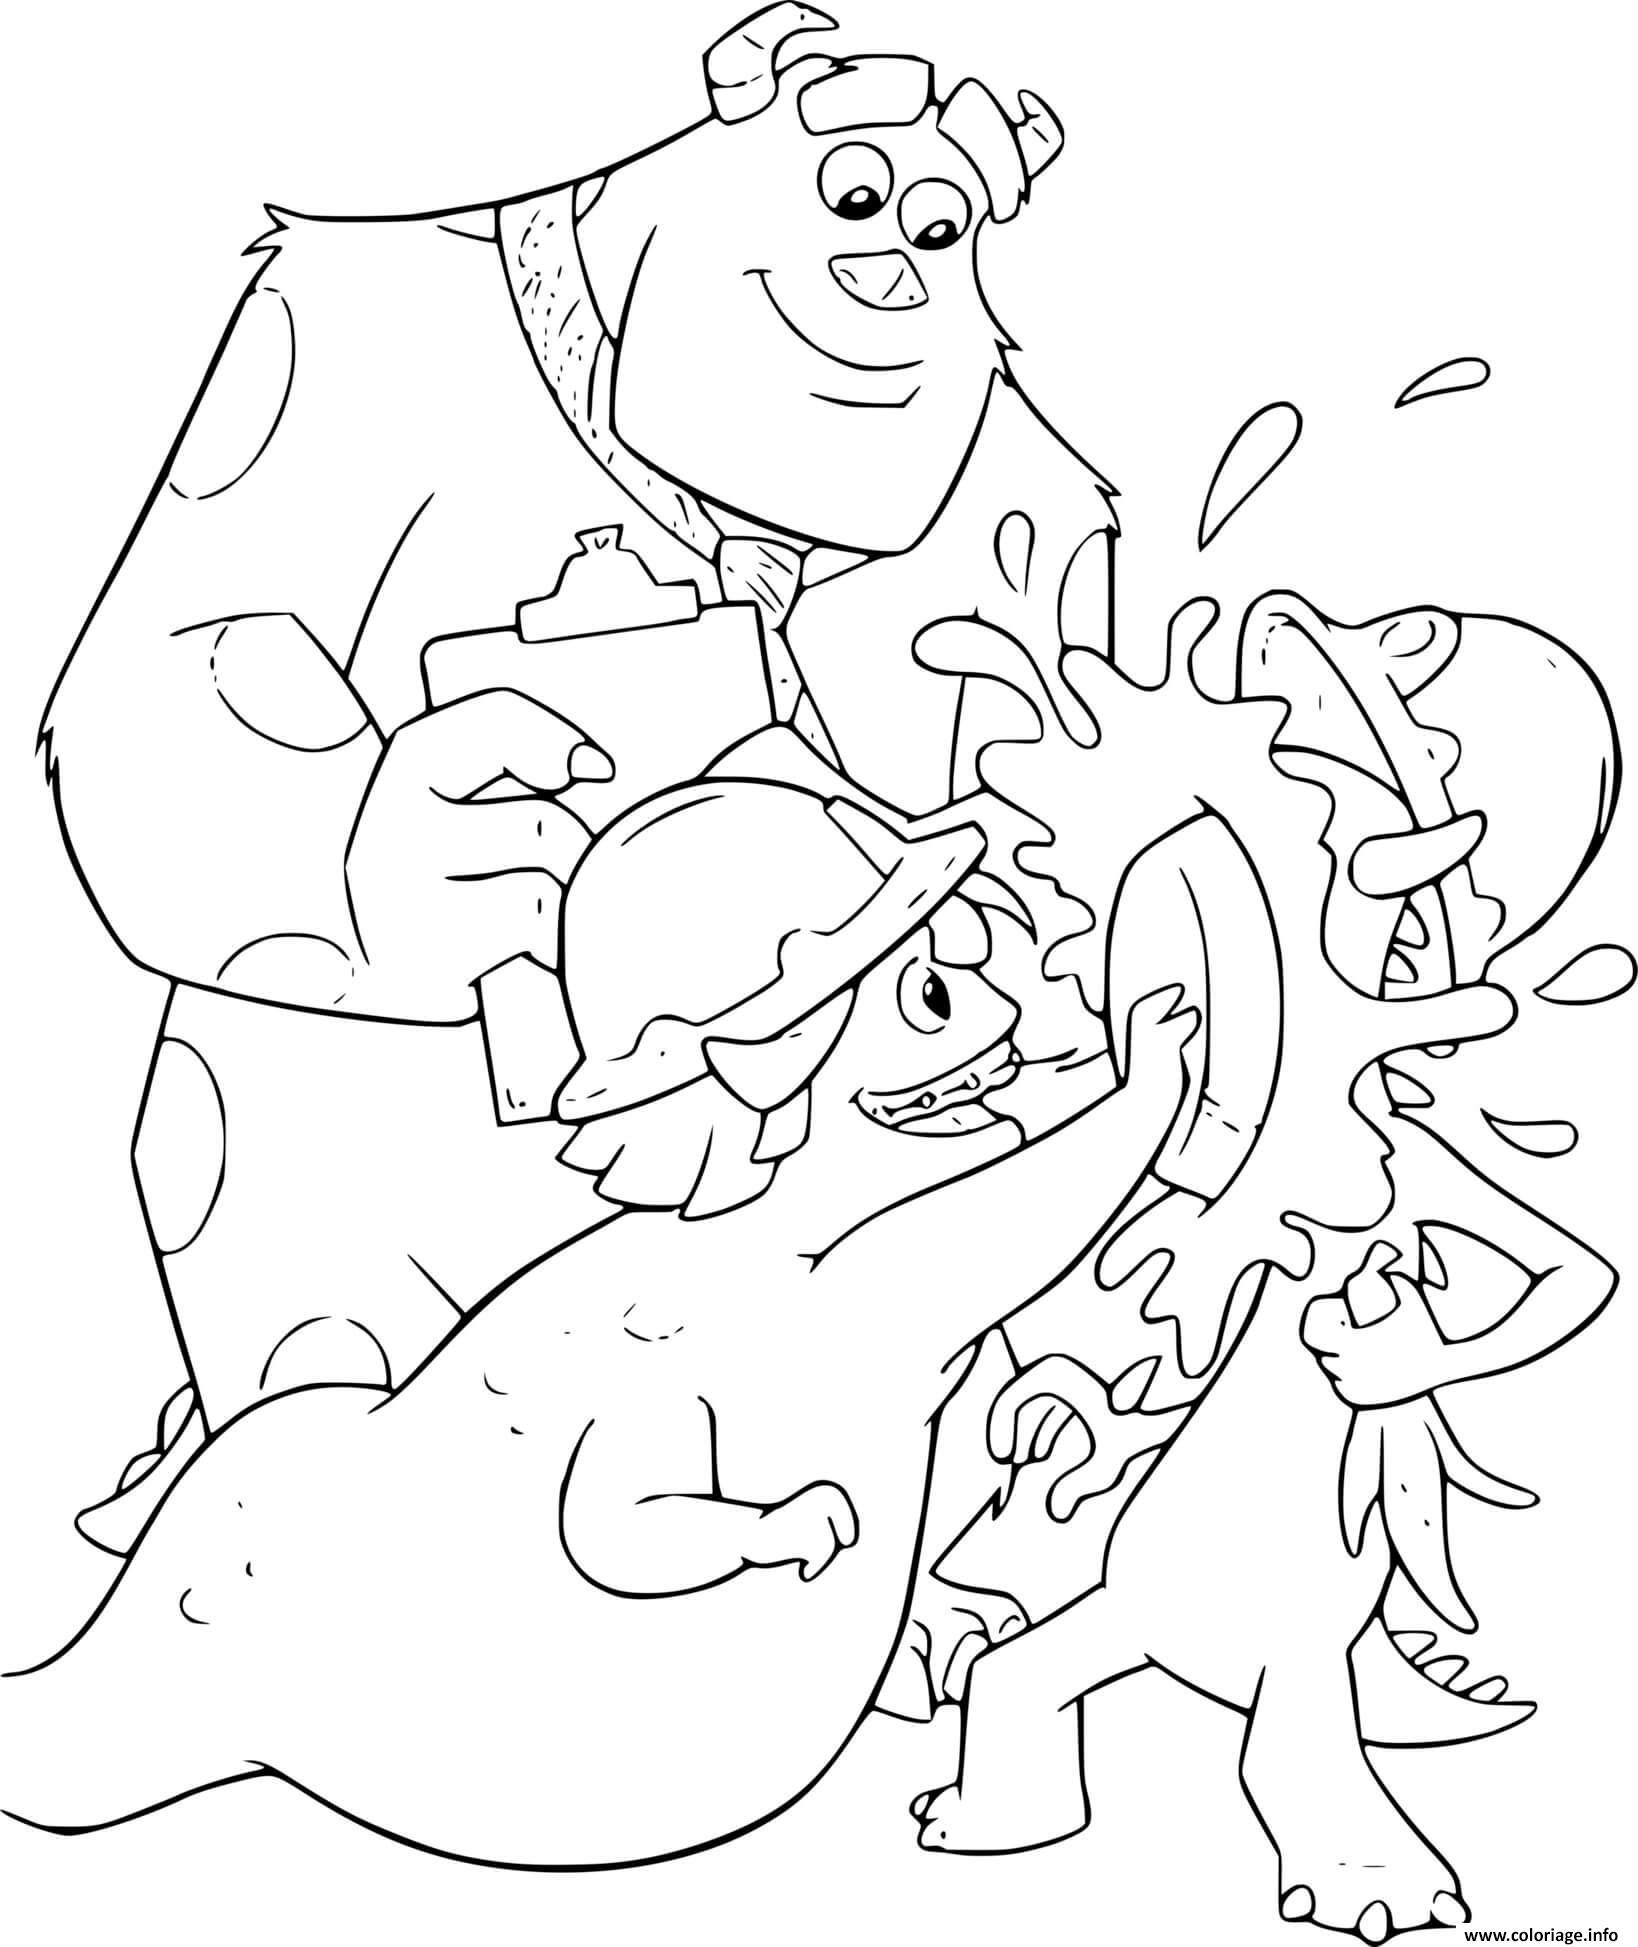 Dessin monstre et cie lance une tarte sur un monstre Coloriage Gratuit à Imprimer